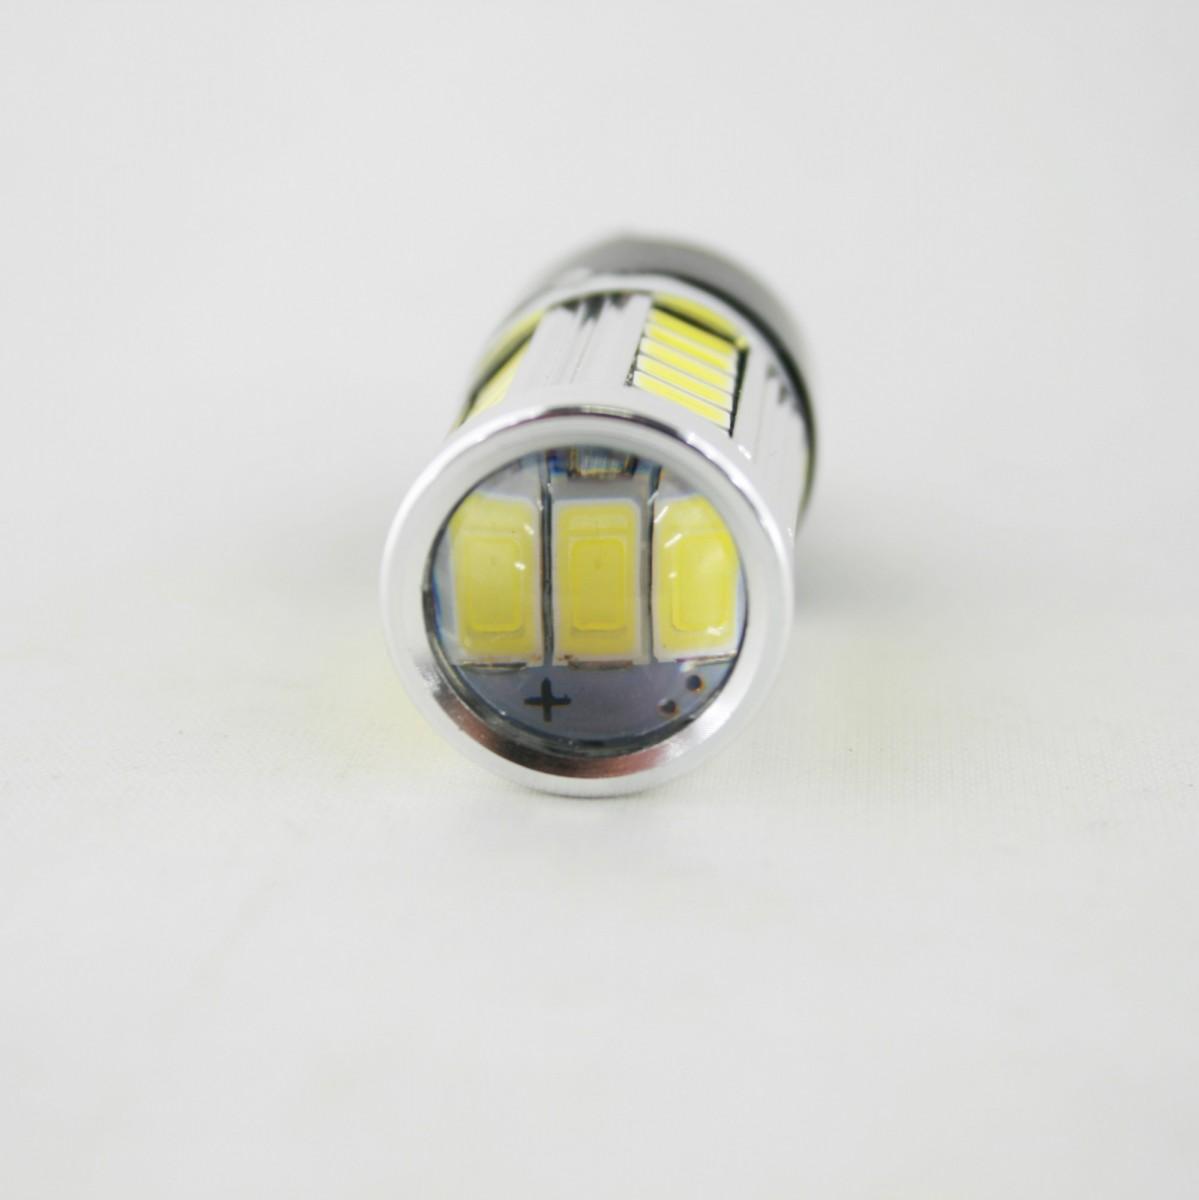 Светодиодная лампа CP (W21W) 1-контактная 33SMD 5730